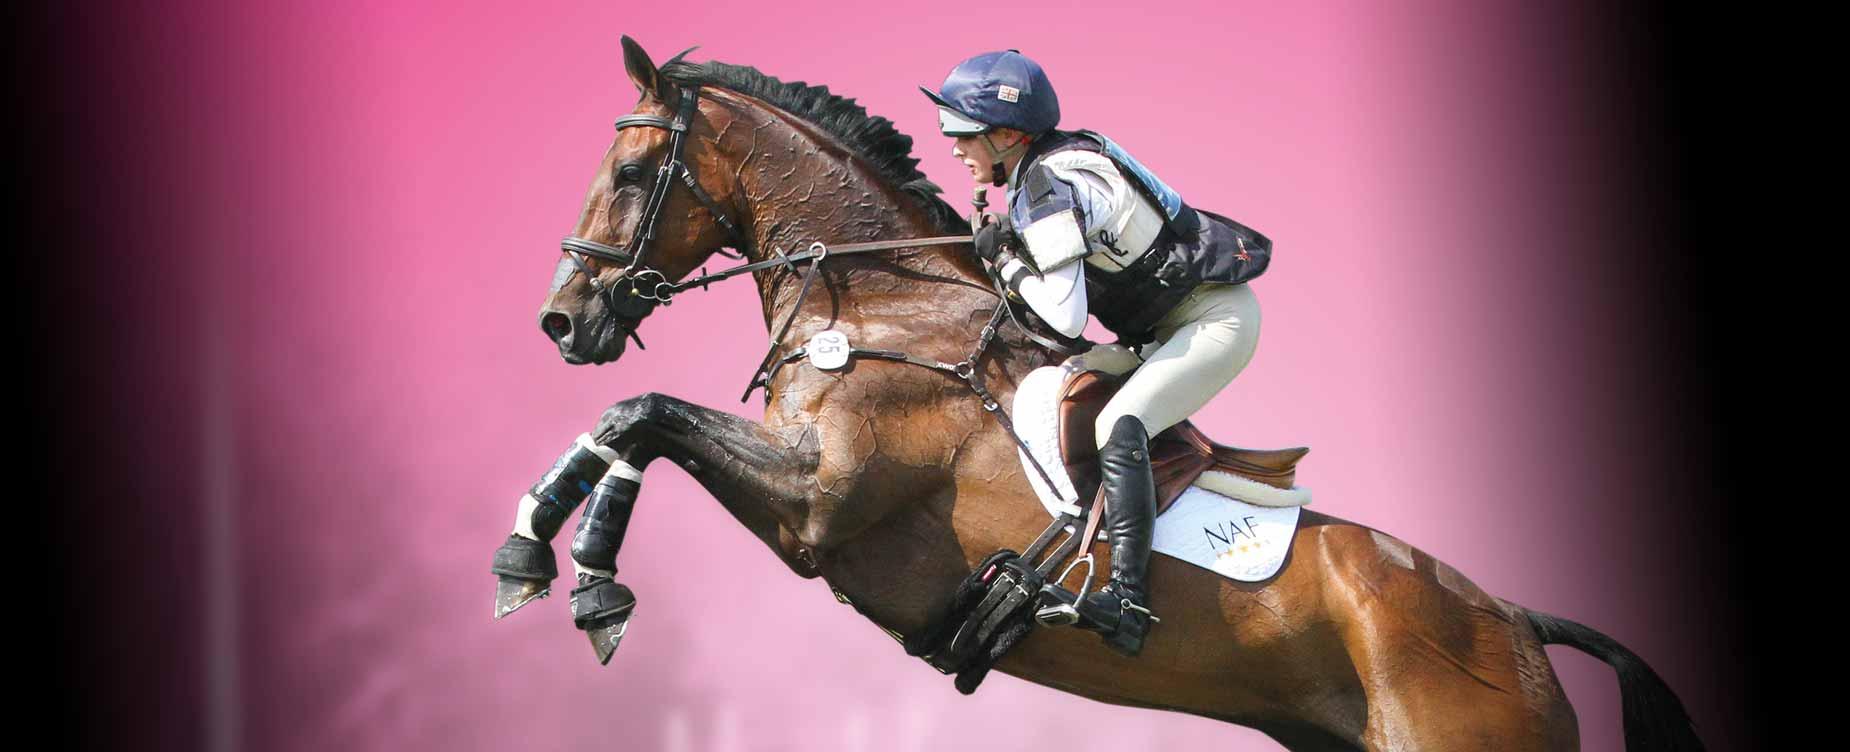 Ons doel is om uw paard in perfecte conditie te houden